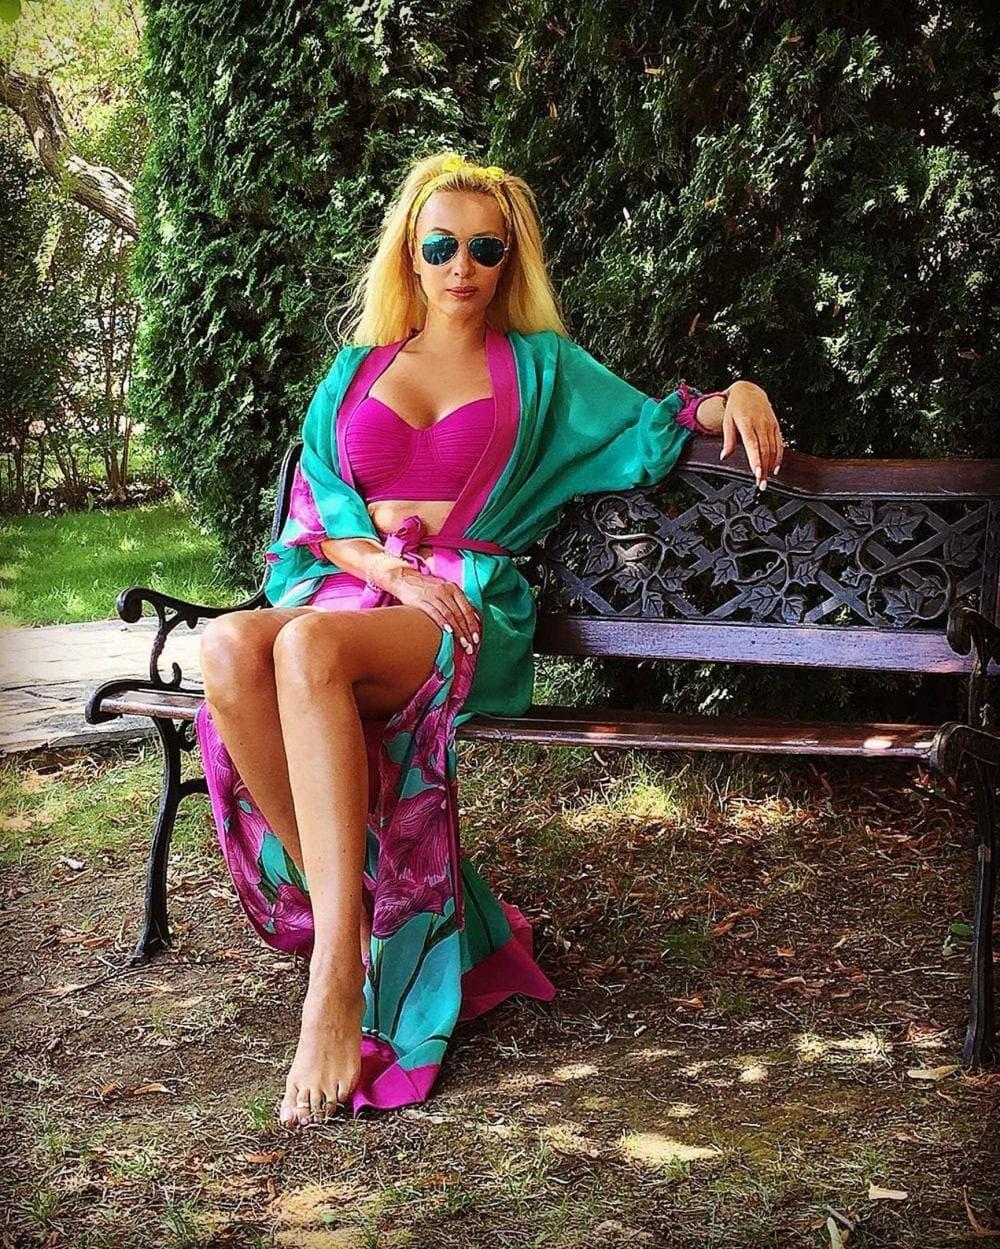 Лера Кудрявцева фото в ярком парео сидит на лавочке в солнцезащитных очках